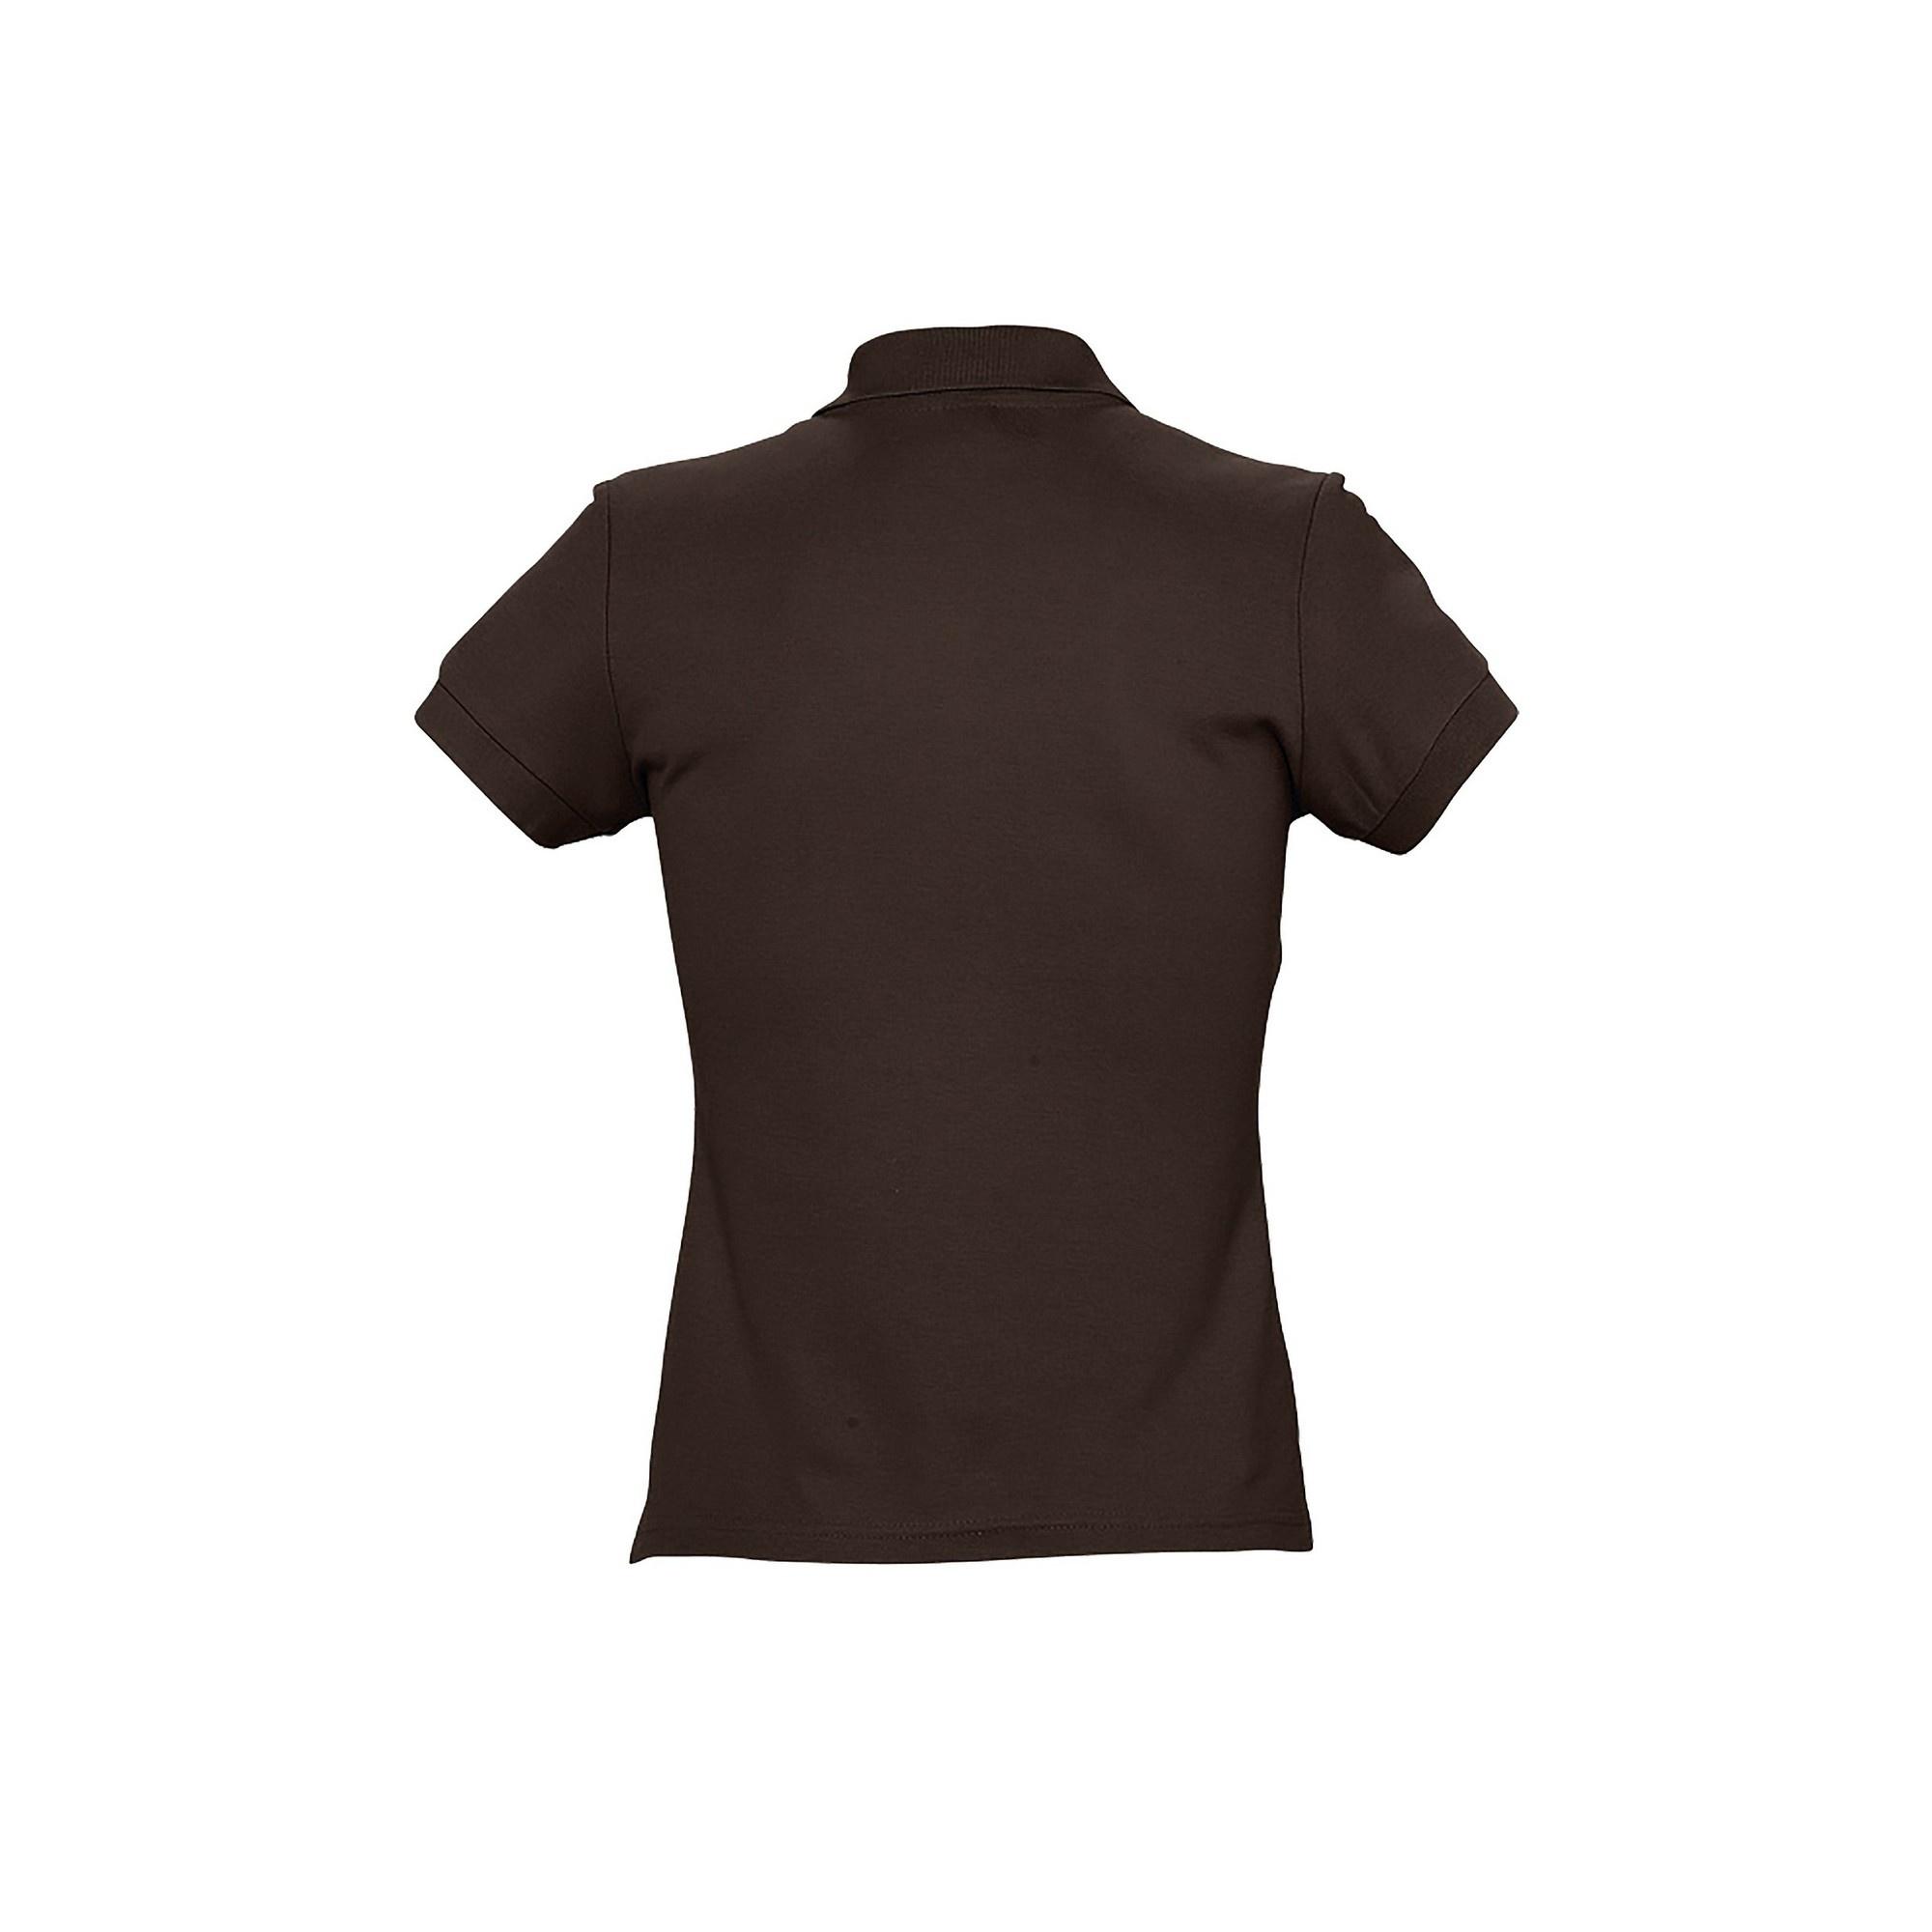 miniature 37 - SOLS Passion - Polo 100% coton à manches courtes - Femme (S-2XL) 16 (PC317)